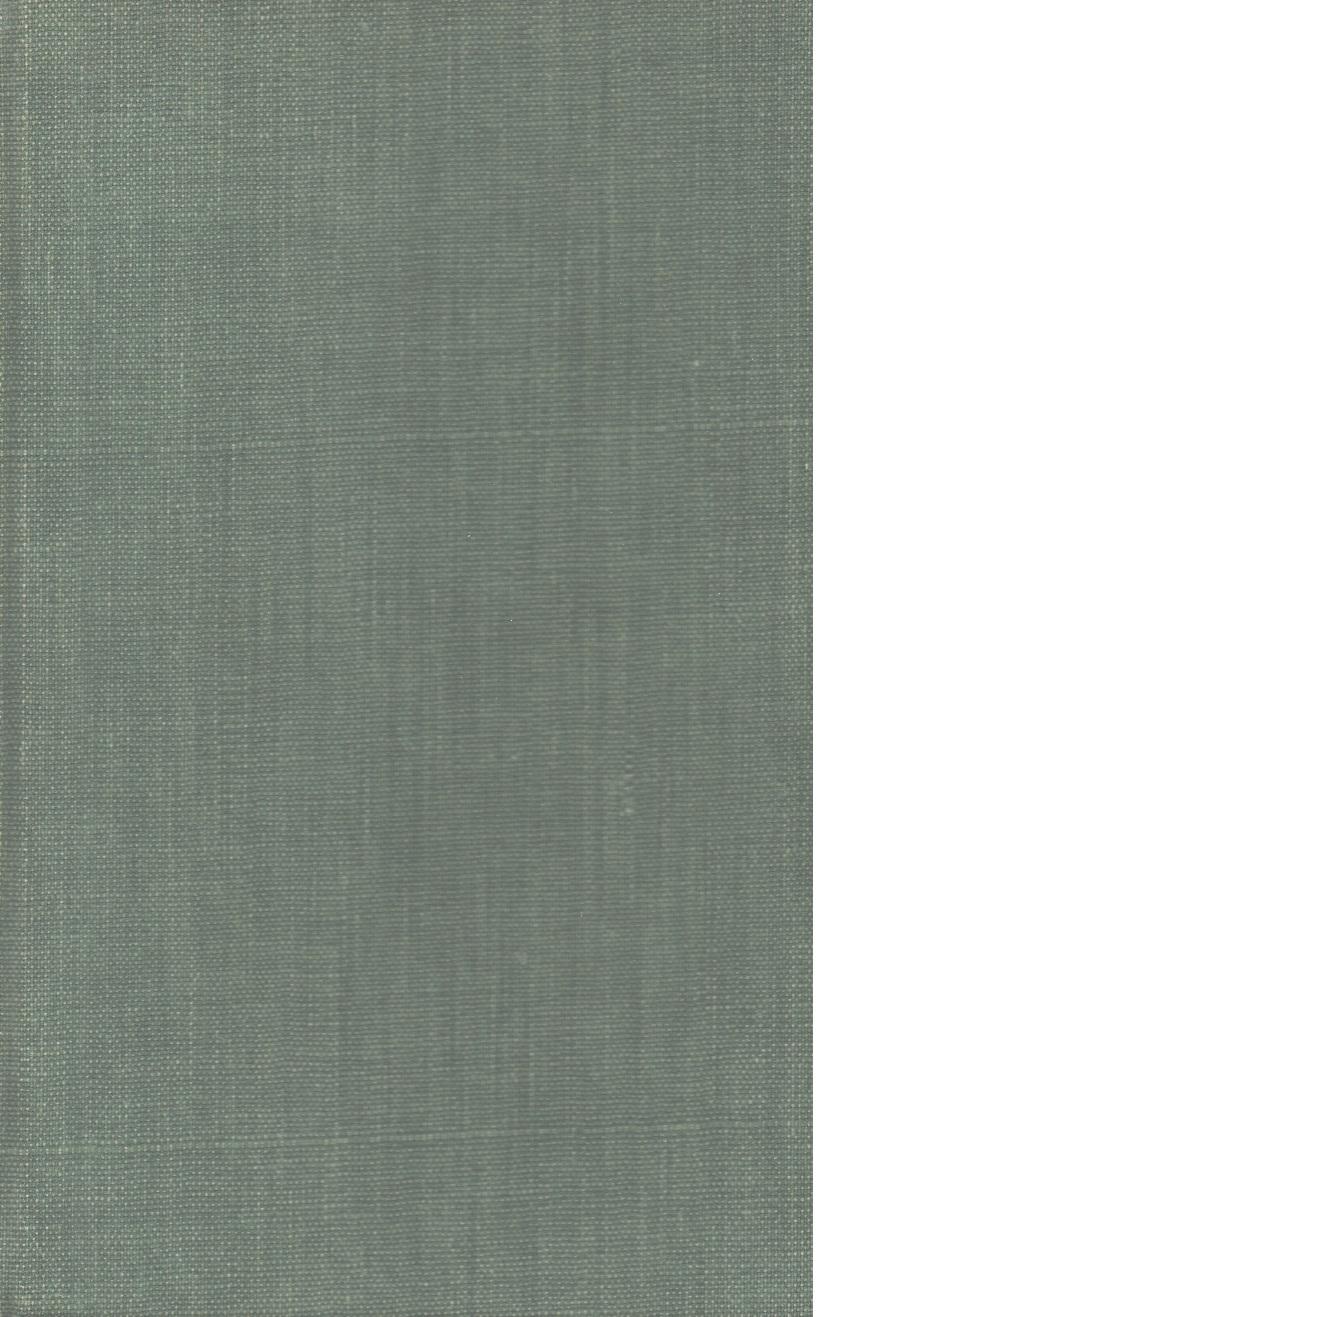 Sång över markerna : dikter i urval - Hed, Kerstin